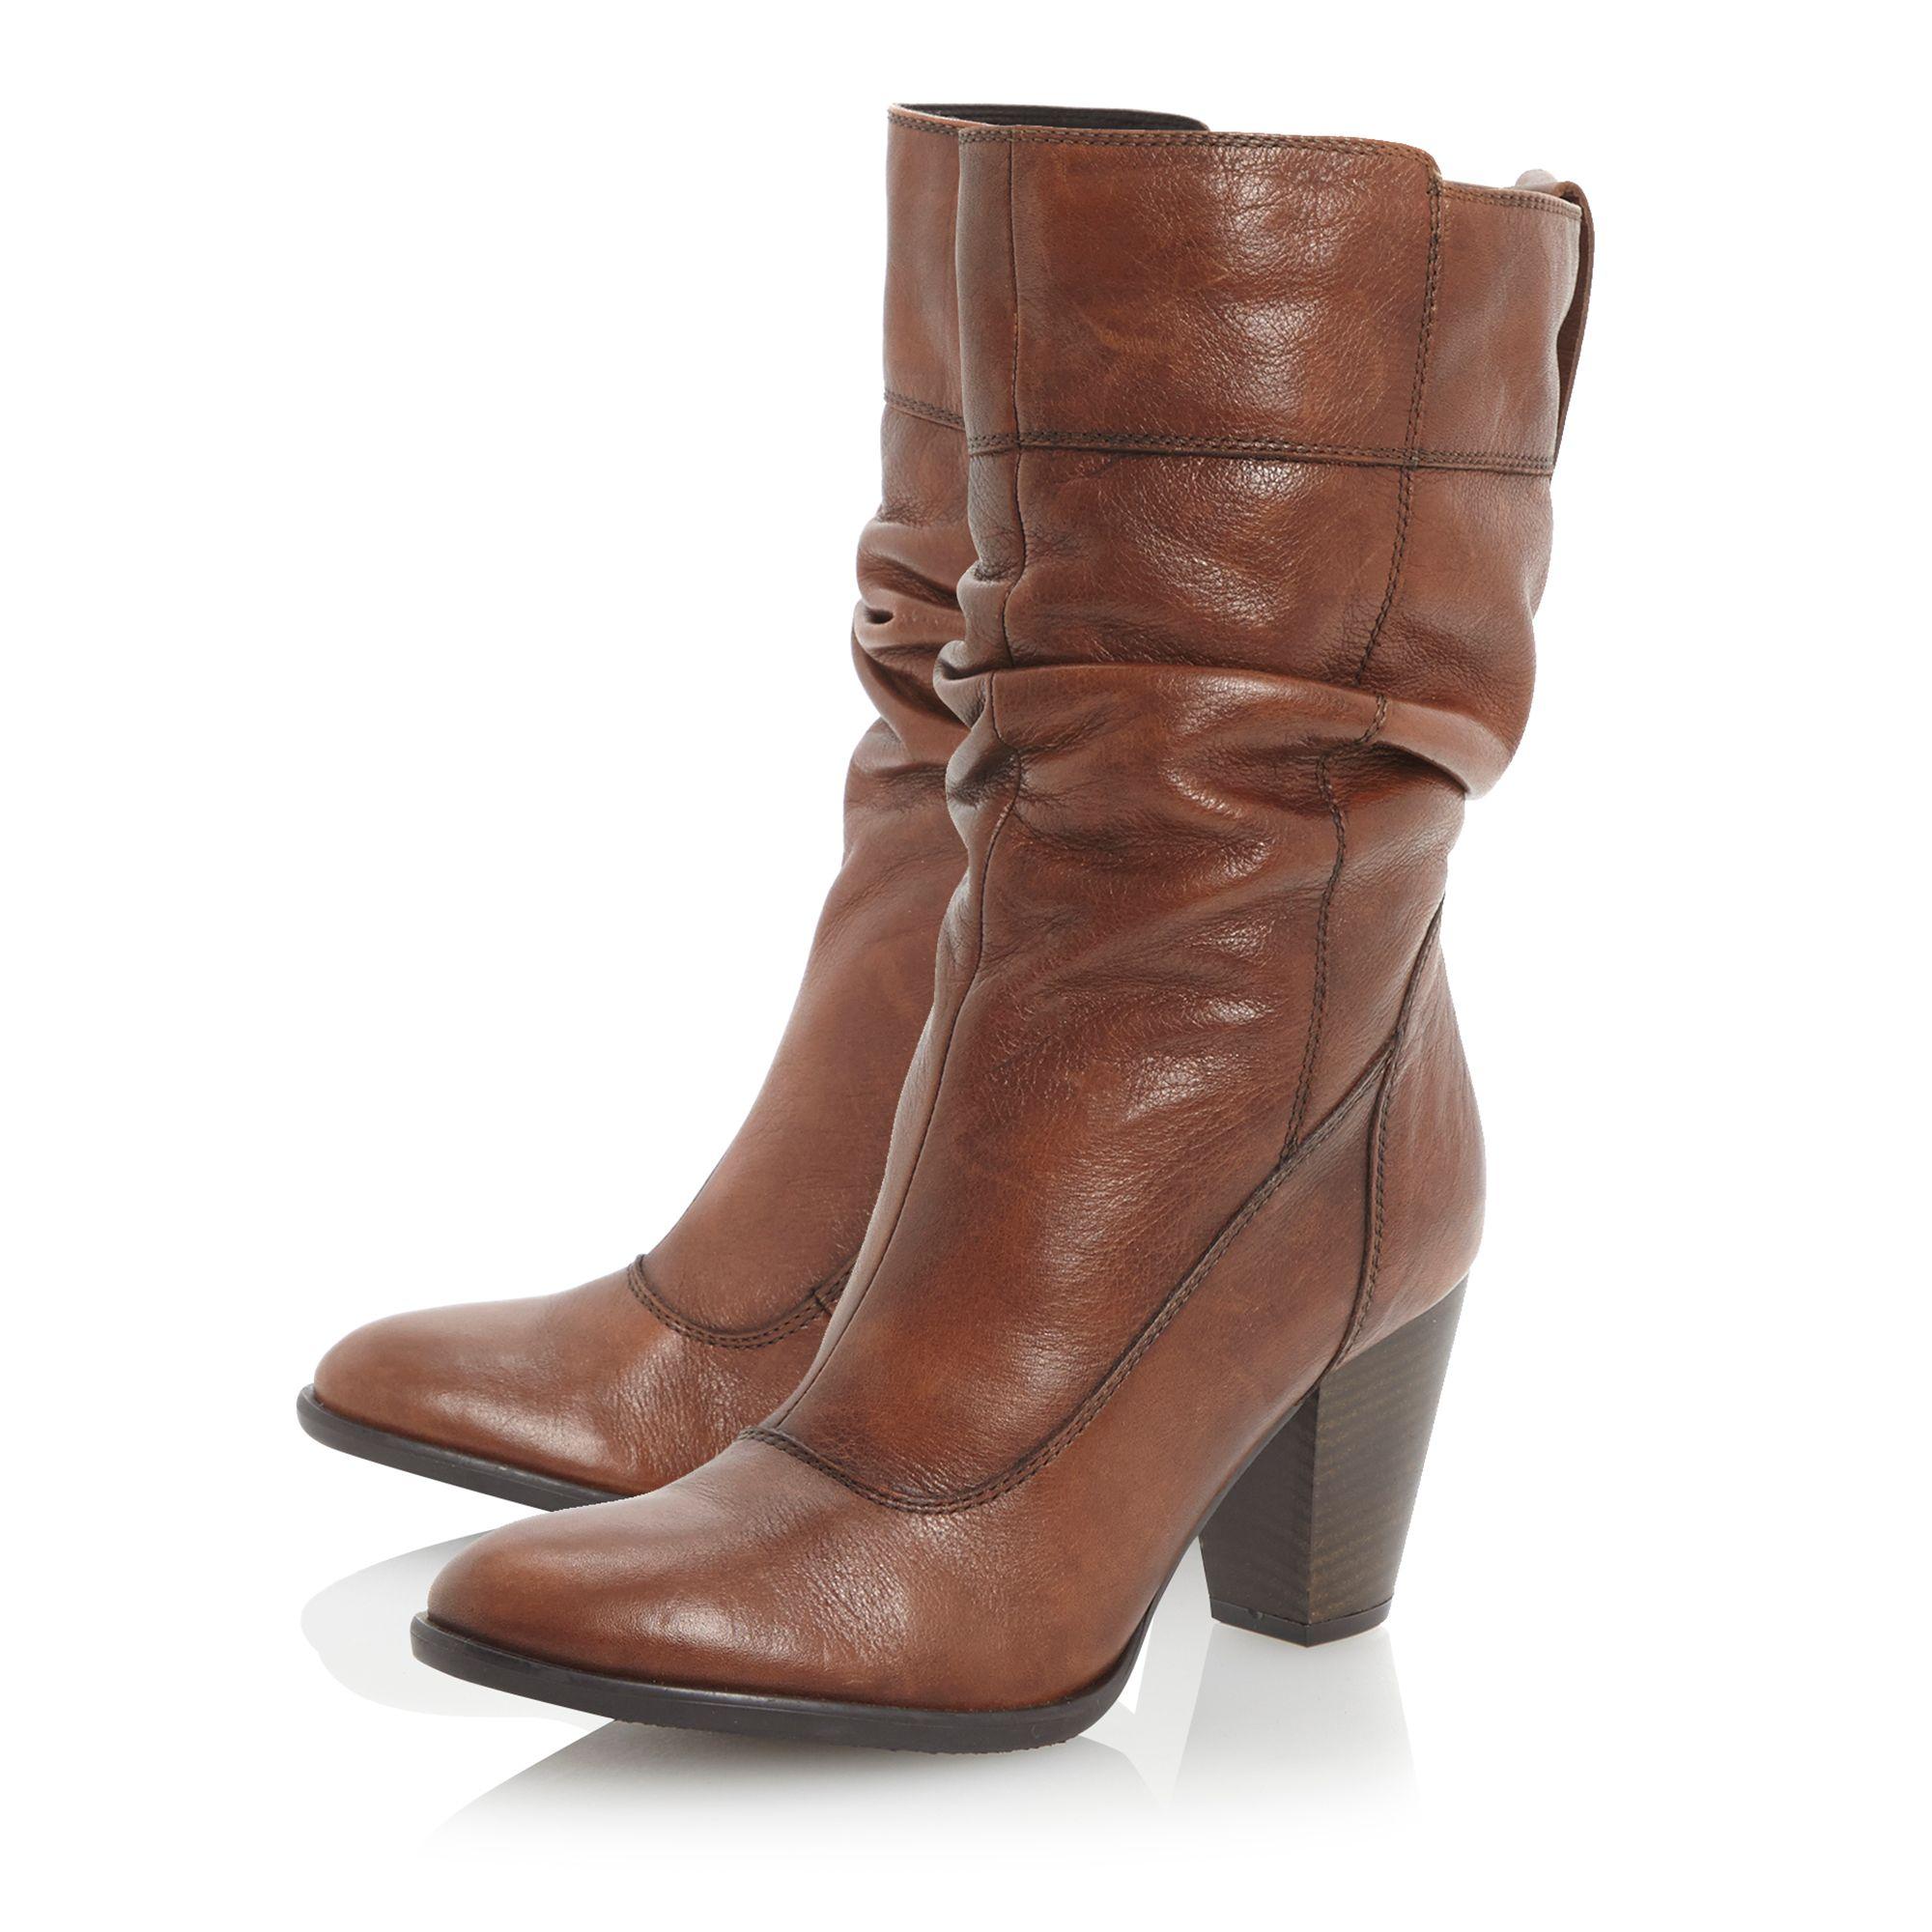 Dune Rad Slouch Block Heel Calf Boots in Brown  Lyst